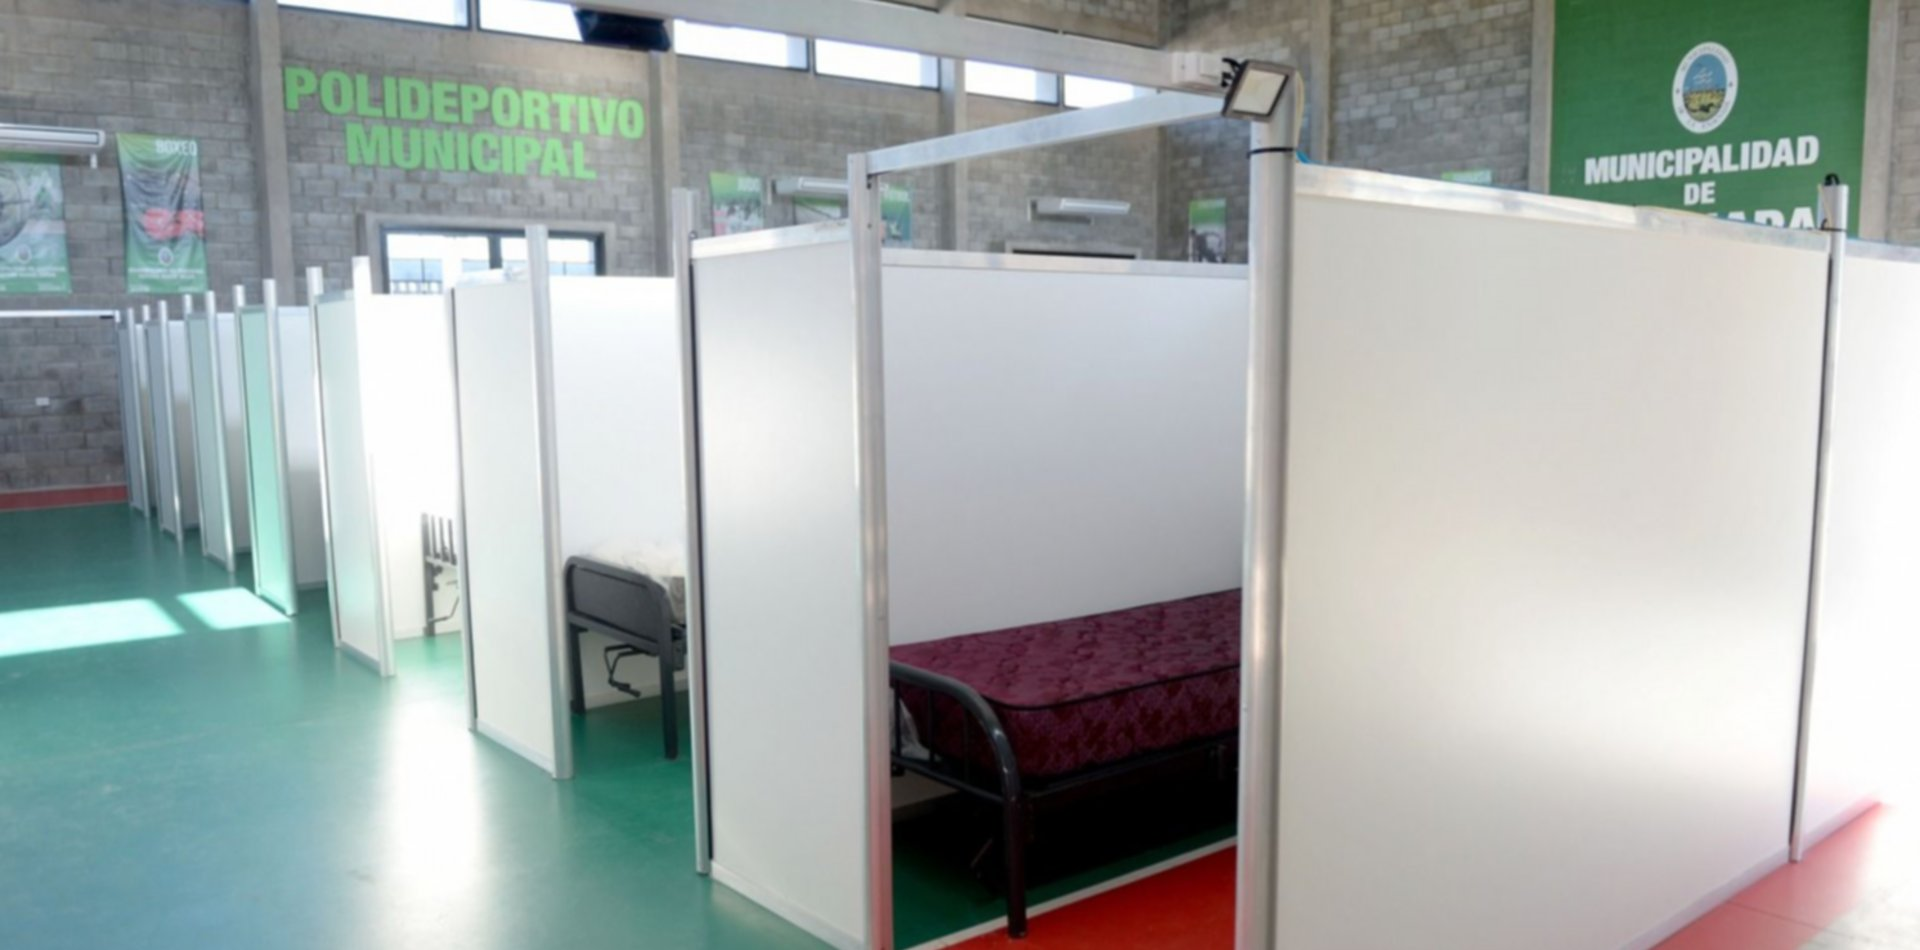 Producción de oxígeno y 48 plazas: así es el nuevo hospital de campaña de Ensenada